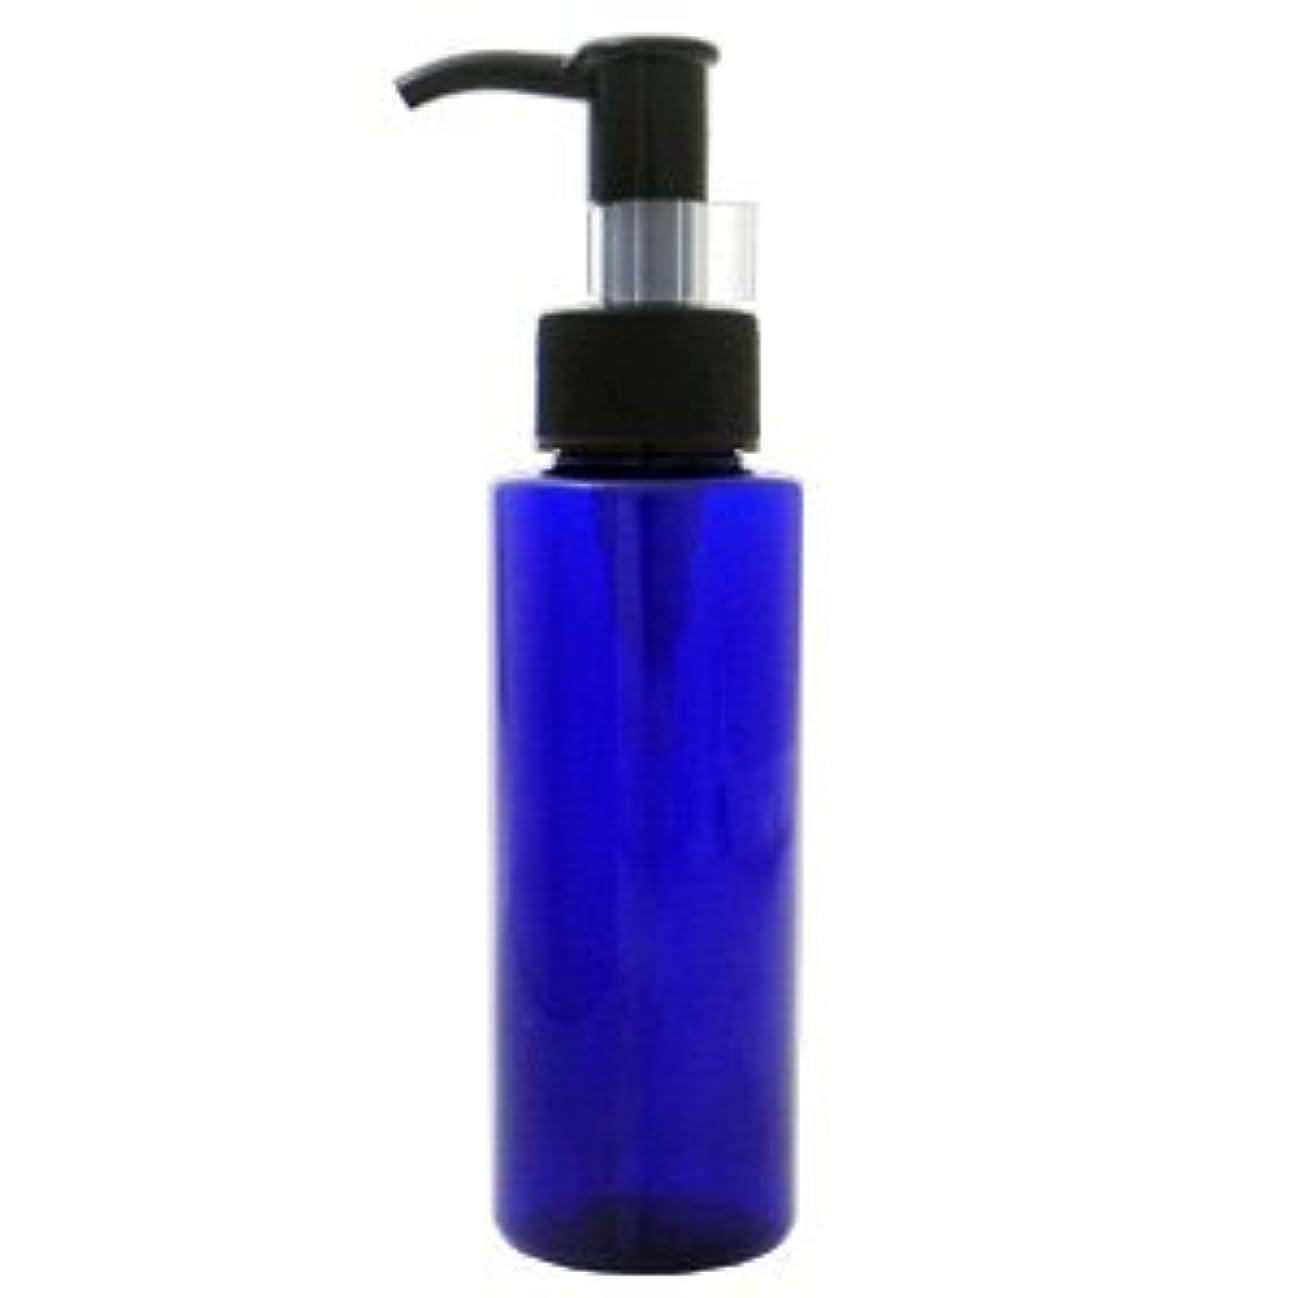 PETボトル ポンプ コバルトブルー (青) 100ml